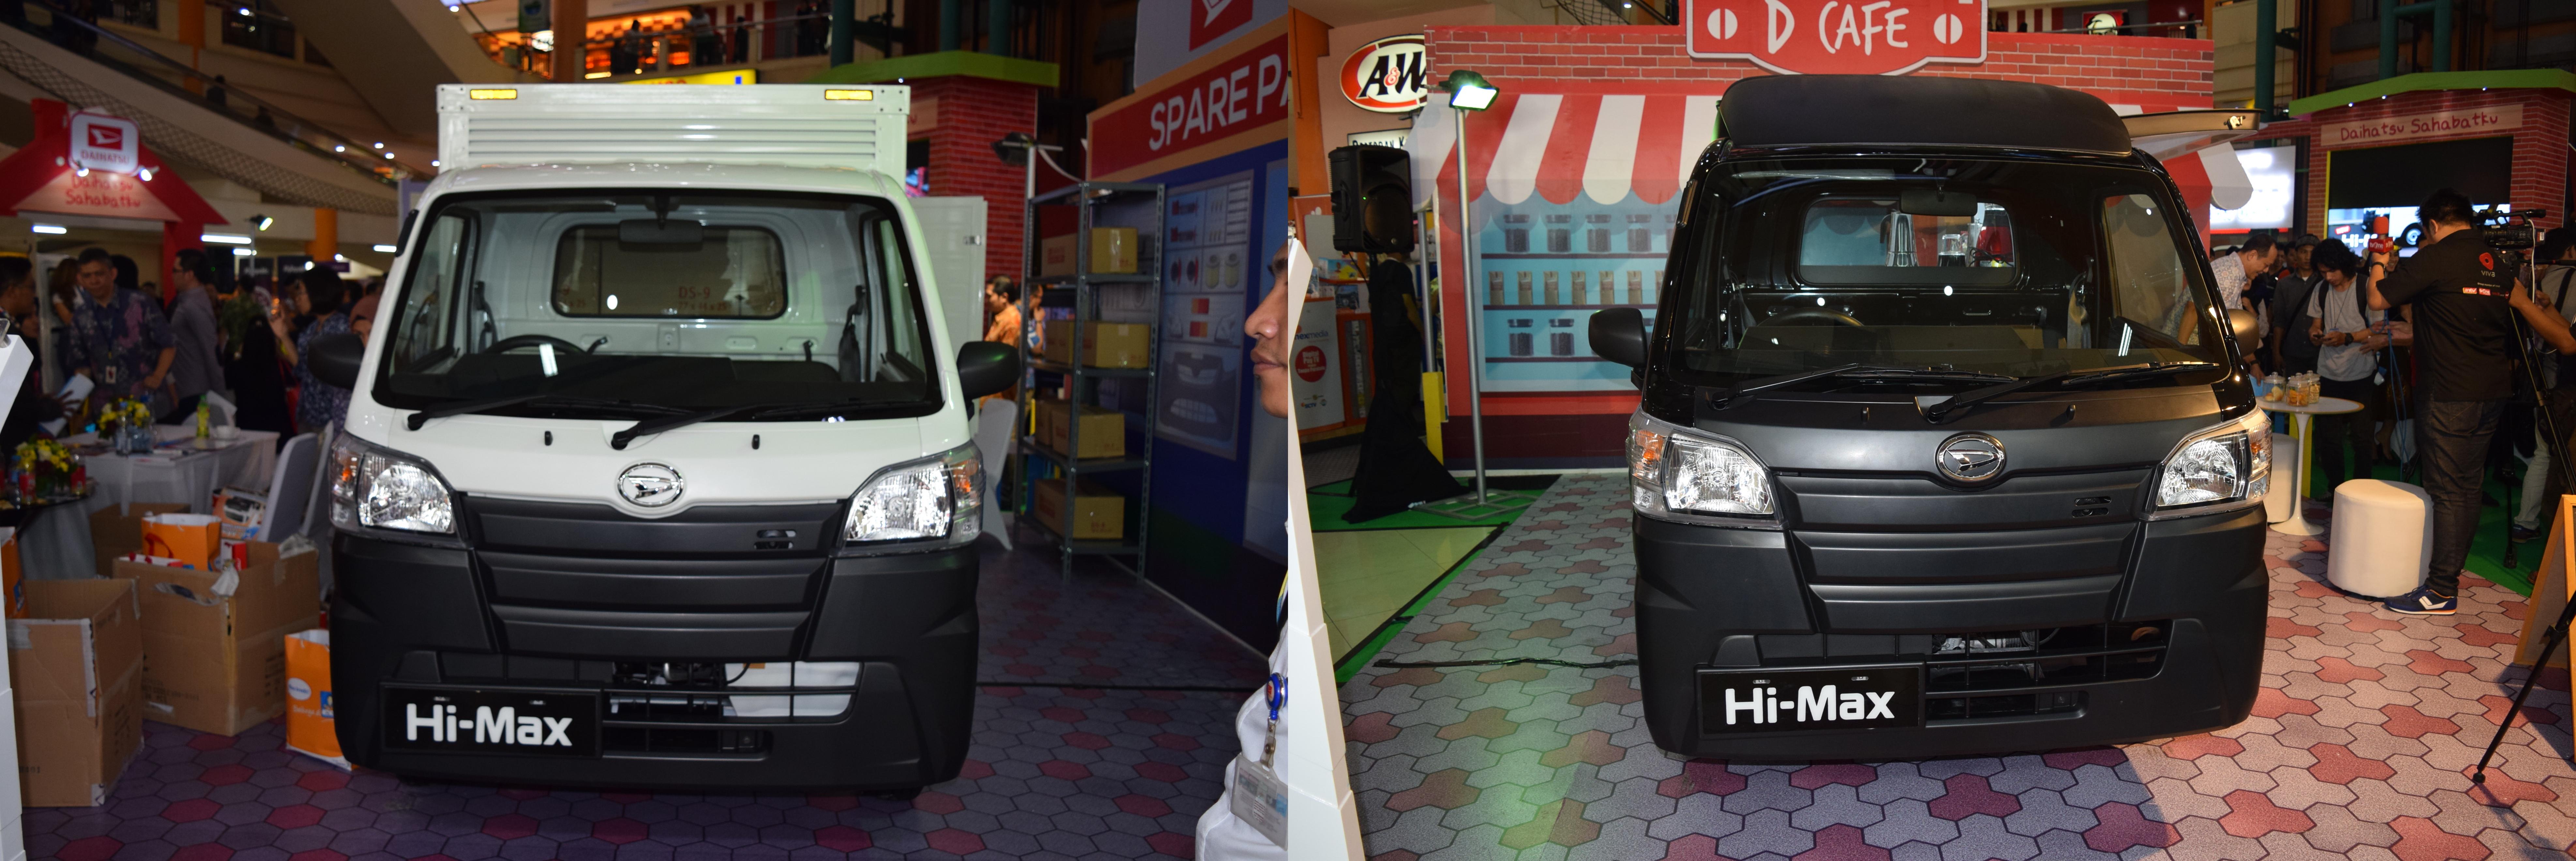 Cukup 26 Ribu, Bawa Pulang Daihatsu Hi-Max